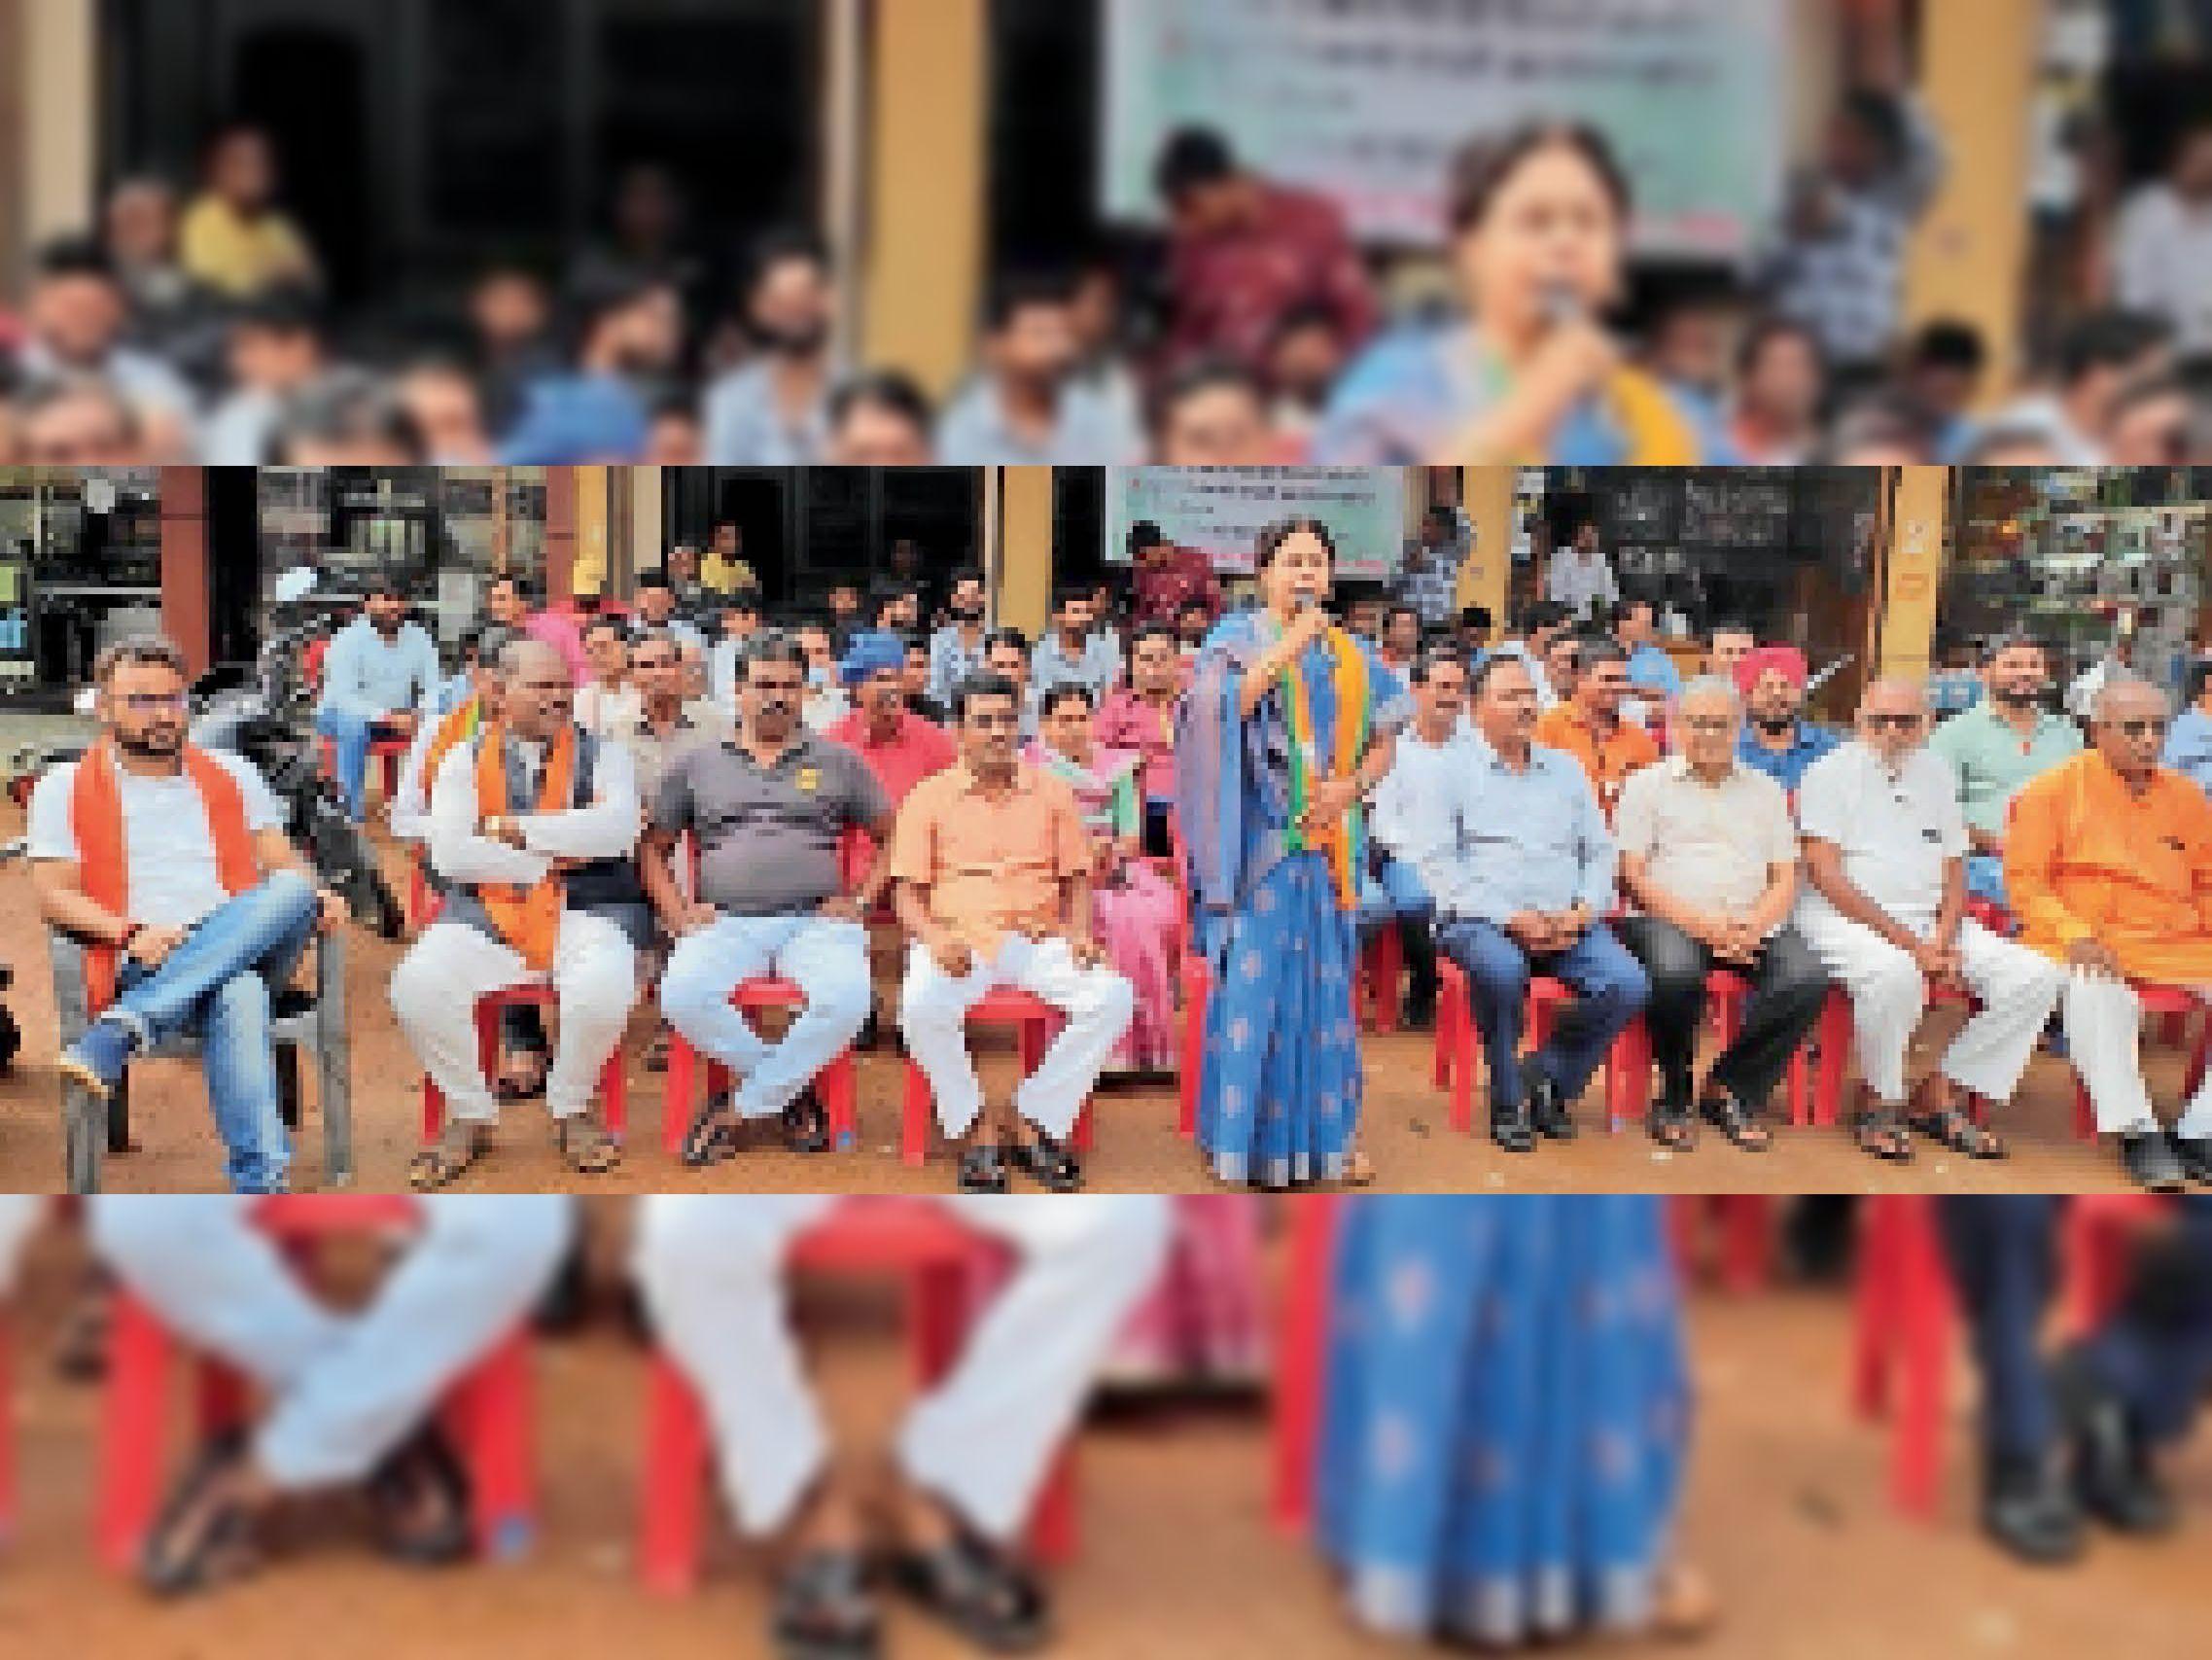 अकालग्रस्त घोषित करने की मांग को लेकर बसना के धरना प्रदर्शन में शामिल भाजपाई। - Dainik Bhaskar